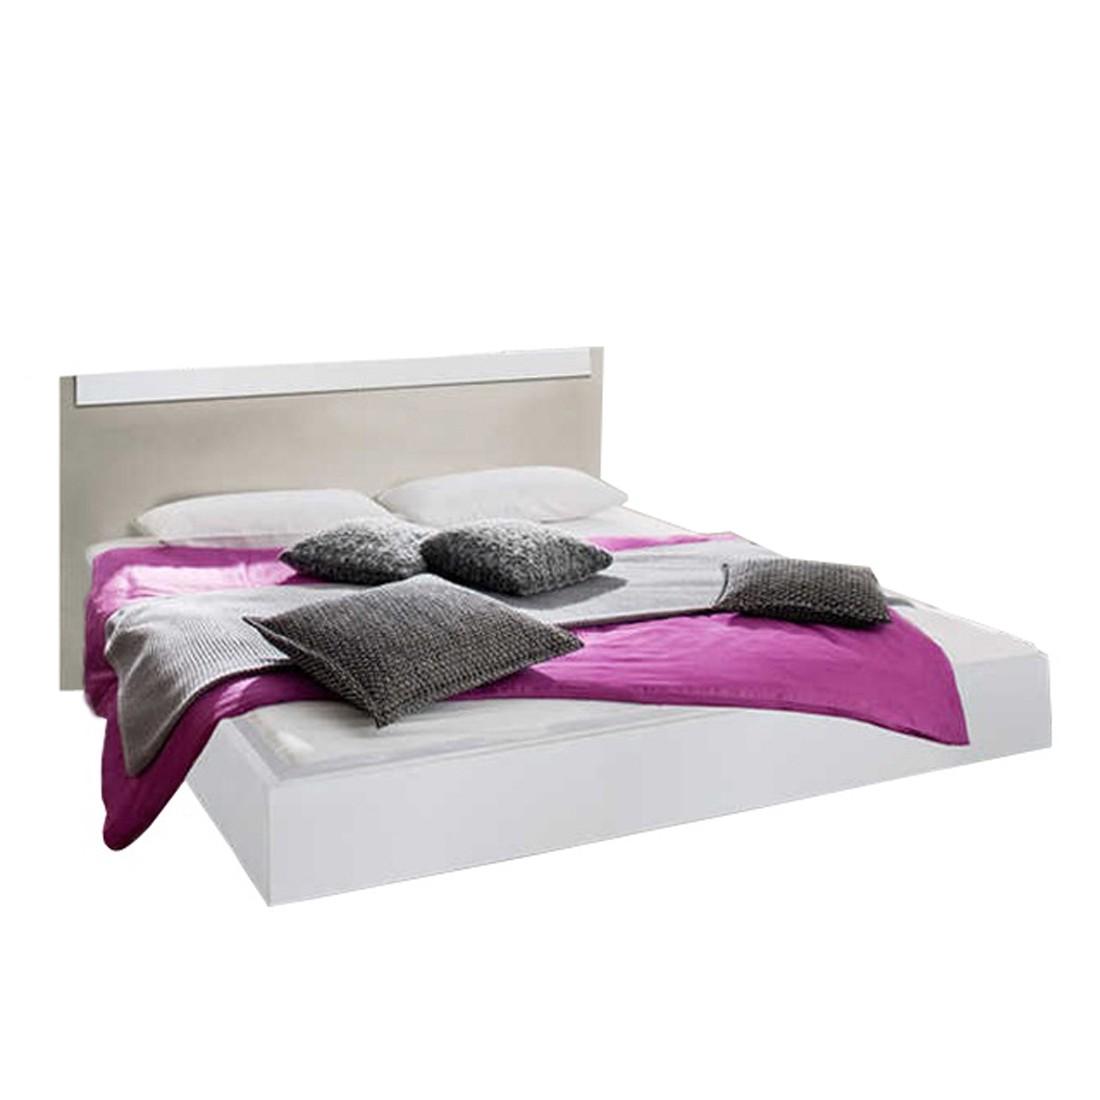 bett kopfteil mit aufbewahrung innenr ume und m bel ideen. Black Bedroom Furniture Sets. Home Design Ideas